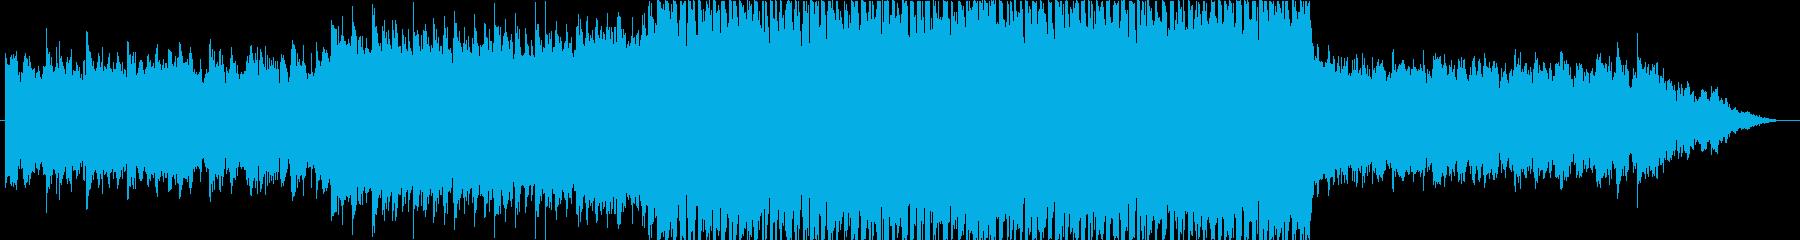 オツキミ / 和風FutureBassの再生済みの波形